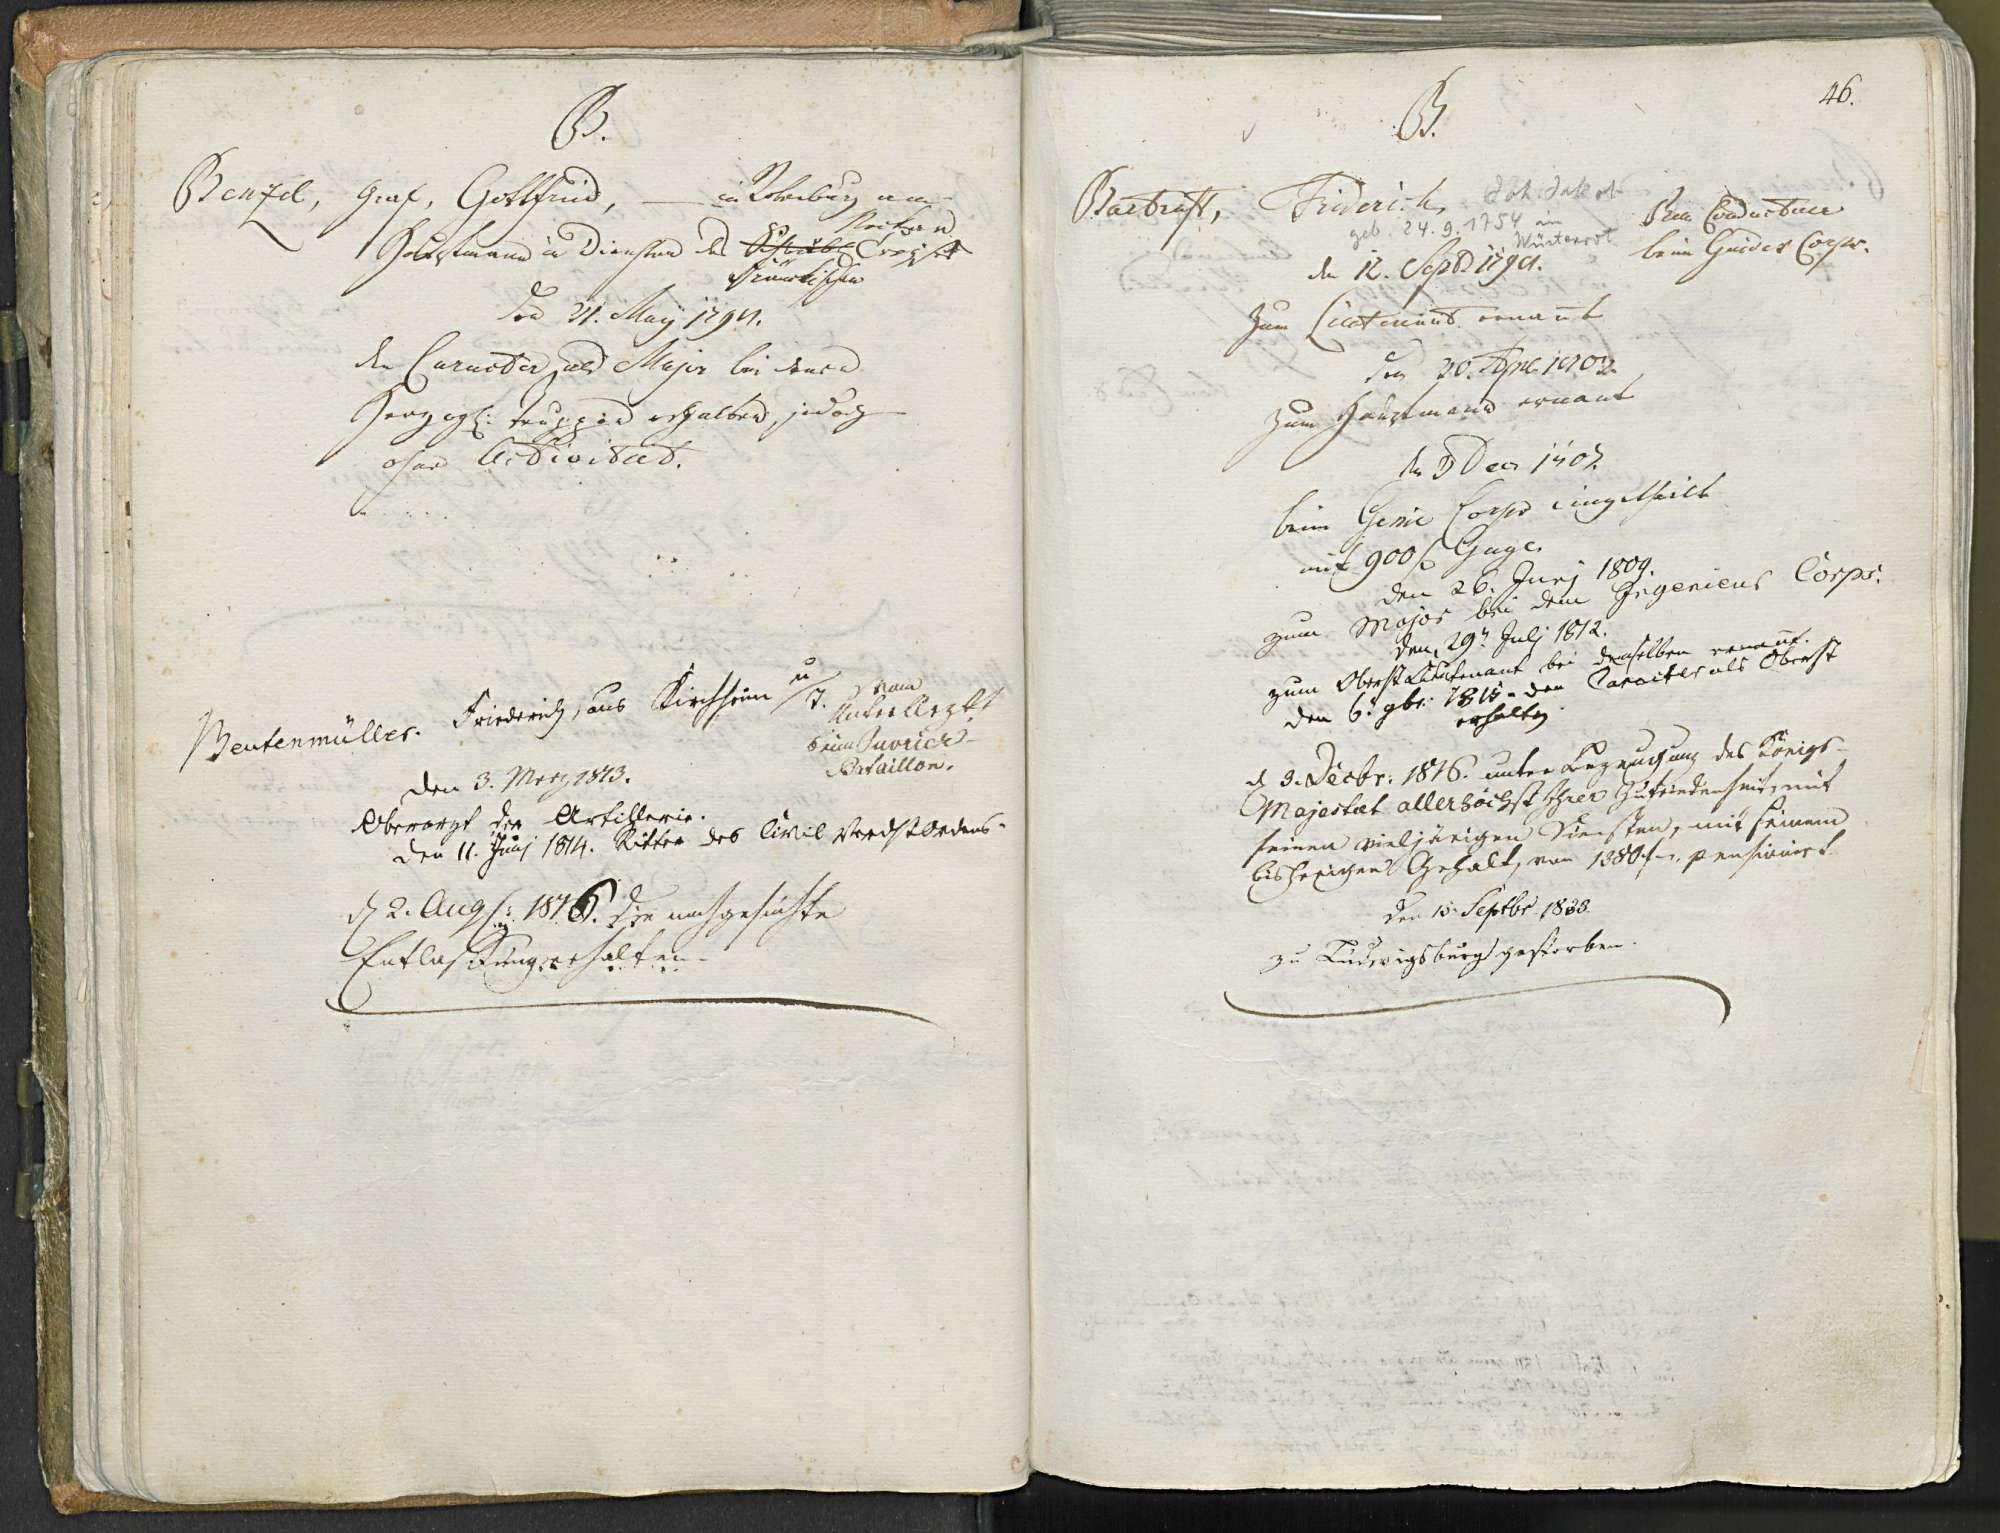 Beutenmüller, Friedrich, Bild 1